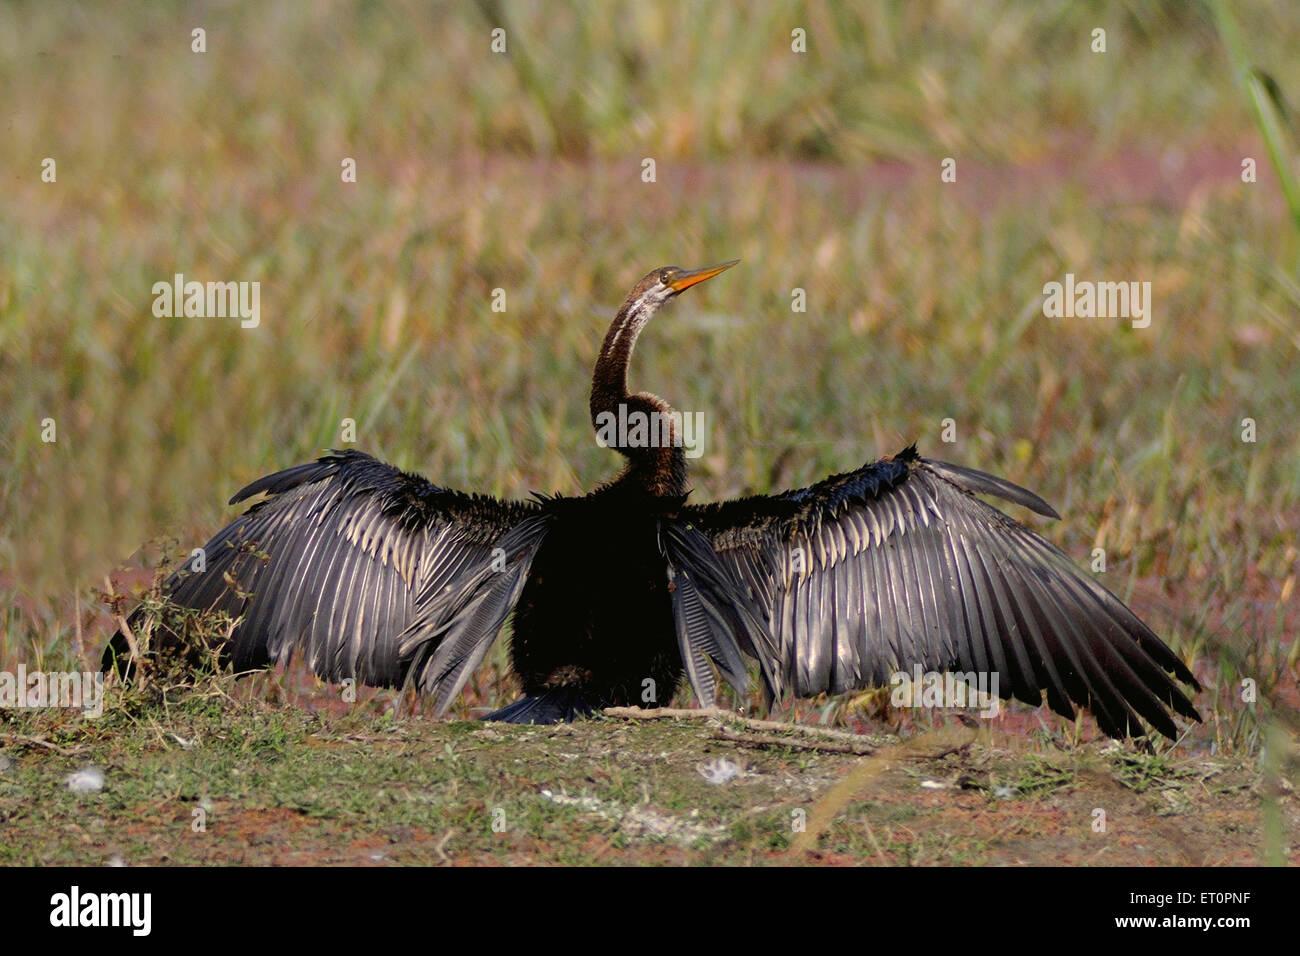 Birds ; snake bird or darter anhinga melanogaster spreading feathers ; Bharatpur ; Rajasthan ; India - Stock Image